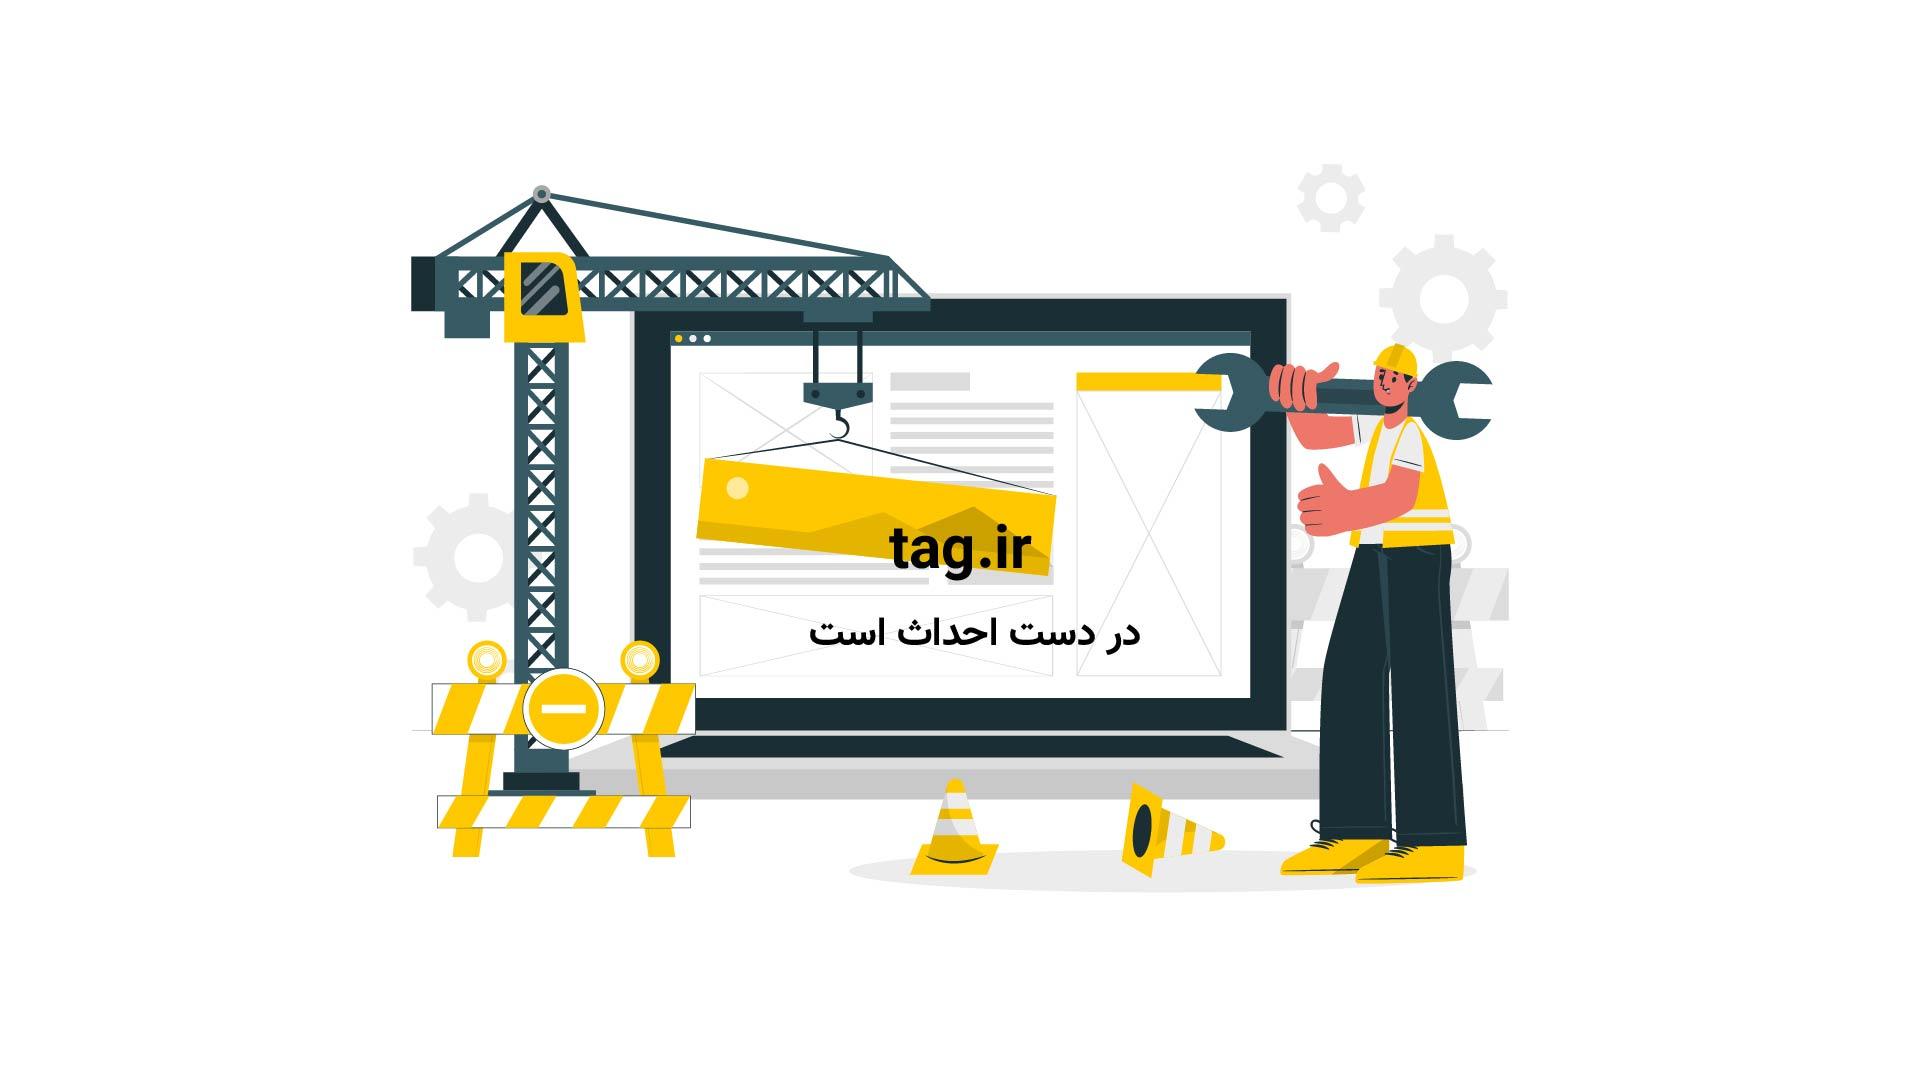 سواری گرفتن تعدادی کودک از یک تمساح | فیلم